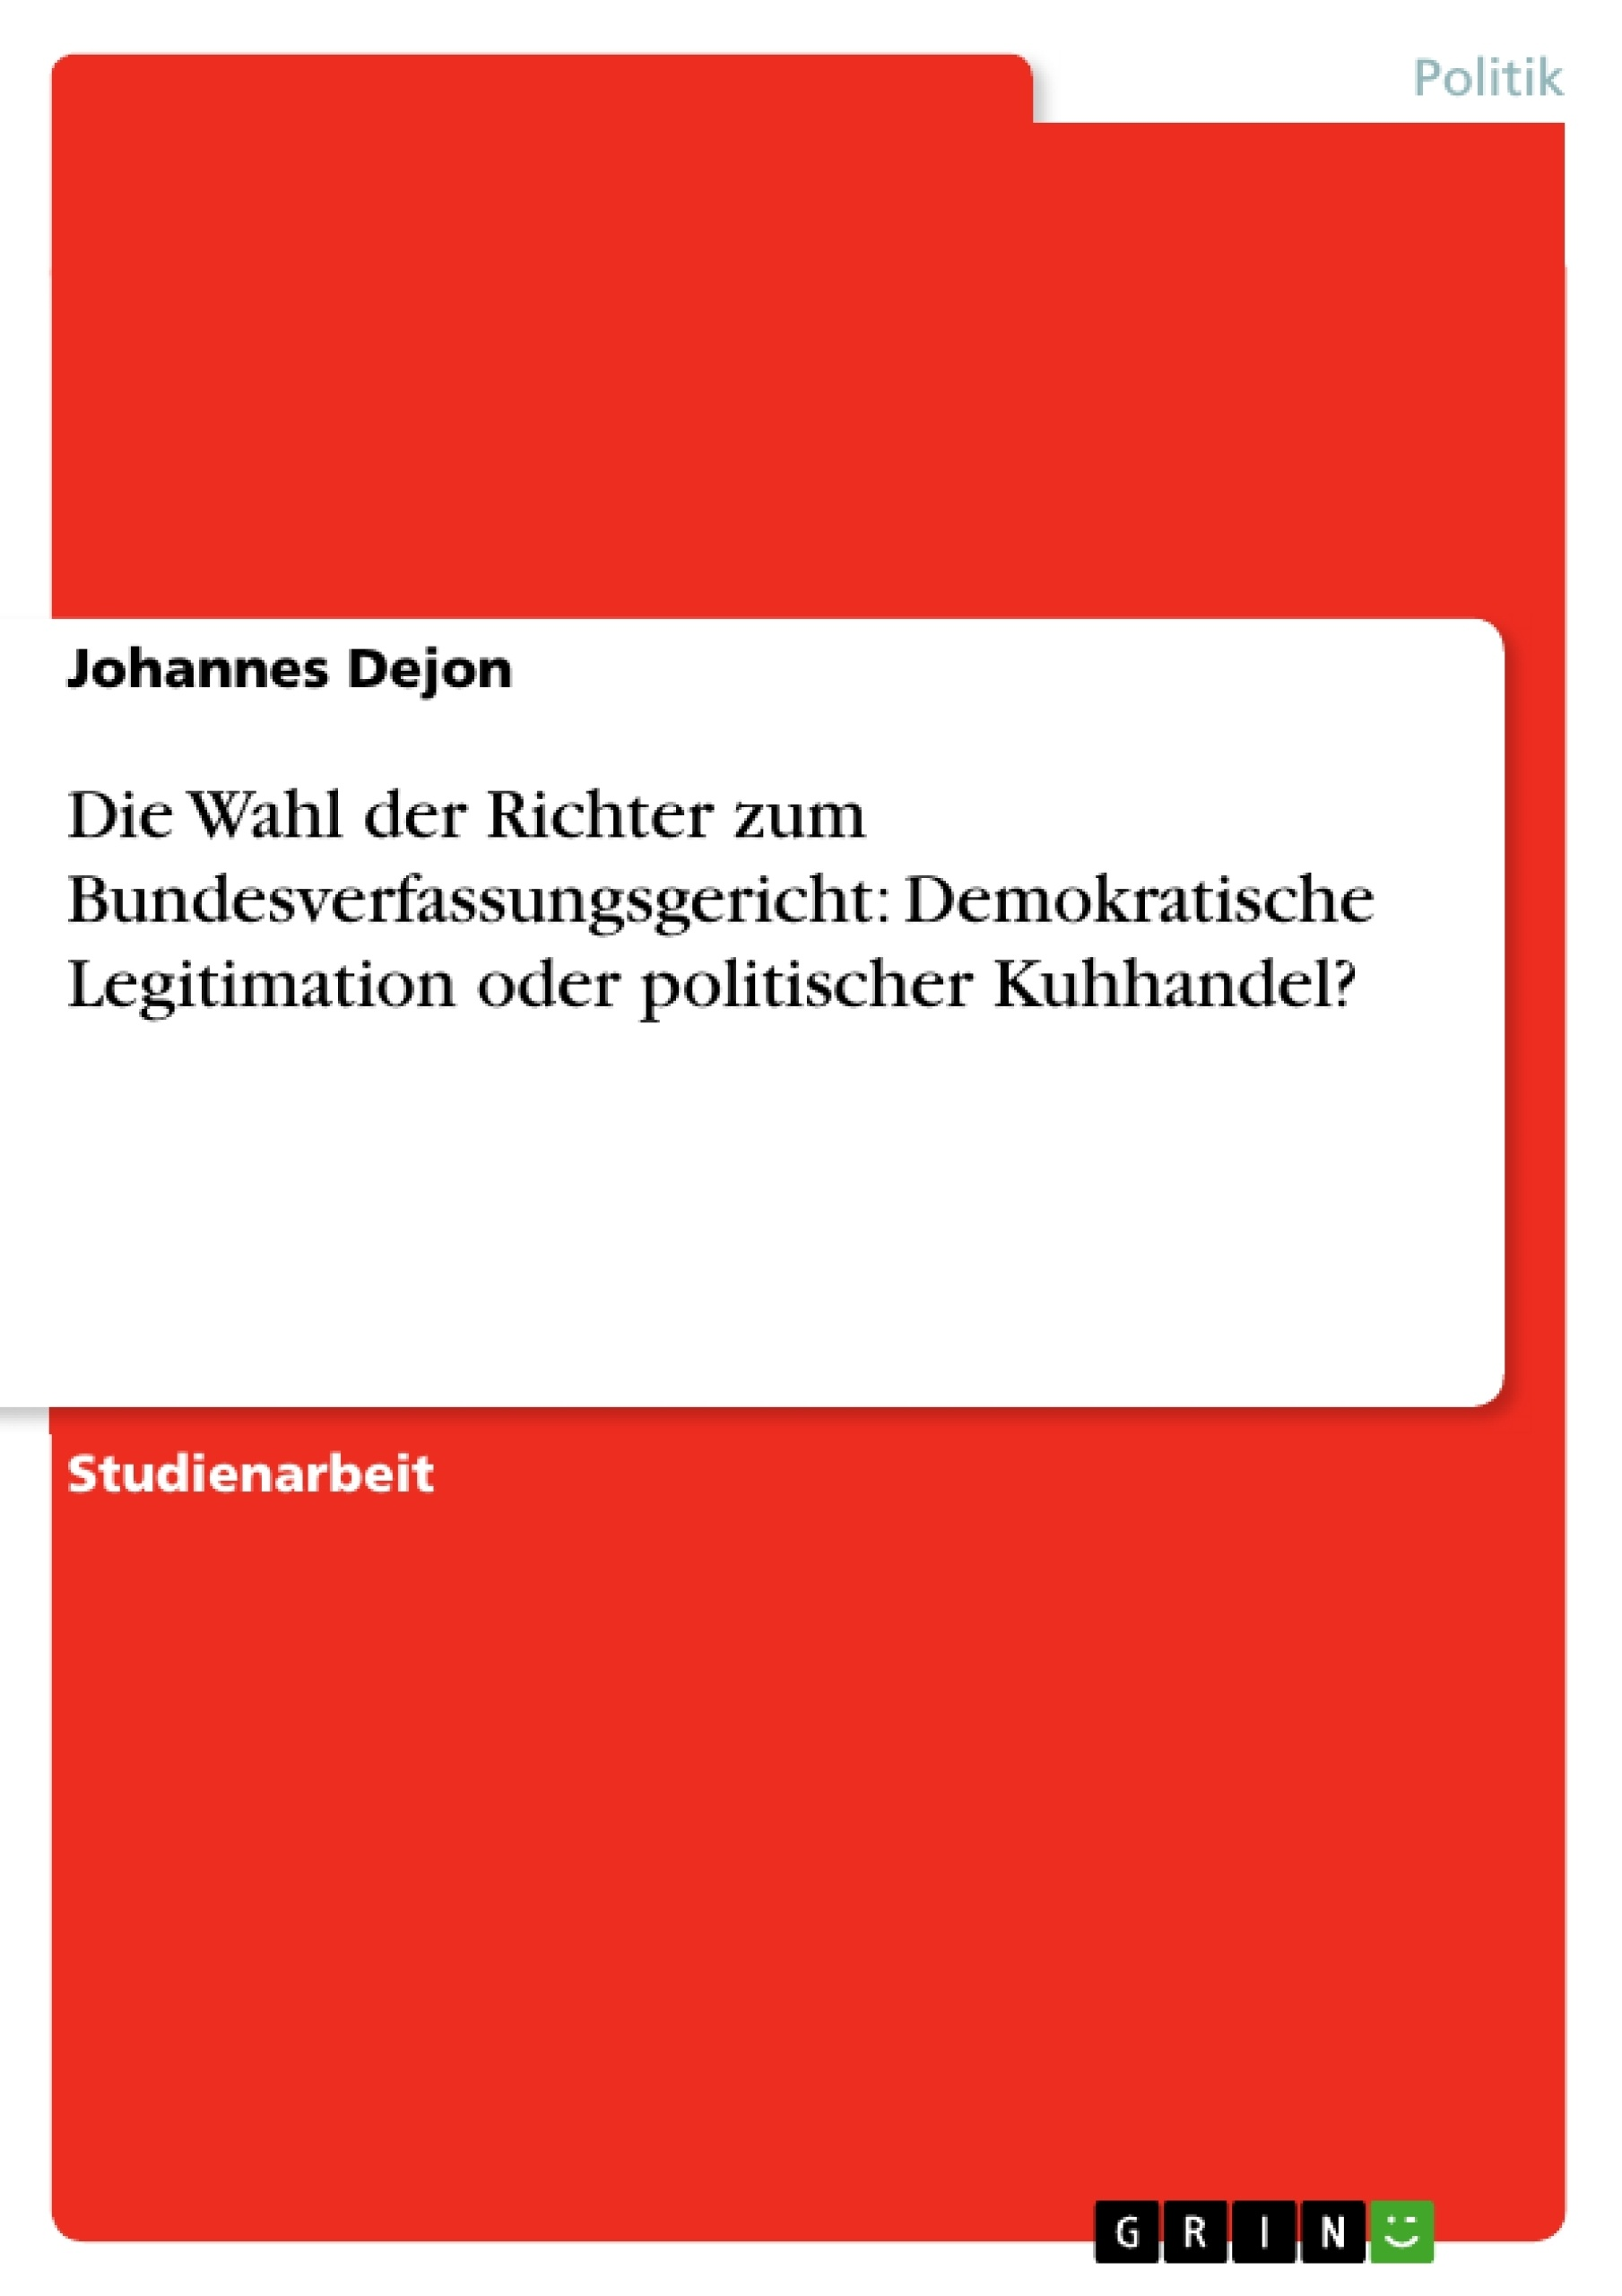 Titel: Die Wahl der Richter zum Bundesverfassungsgericht: Demokratische Legitimation oder politischer Kuhhandel?